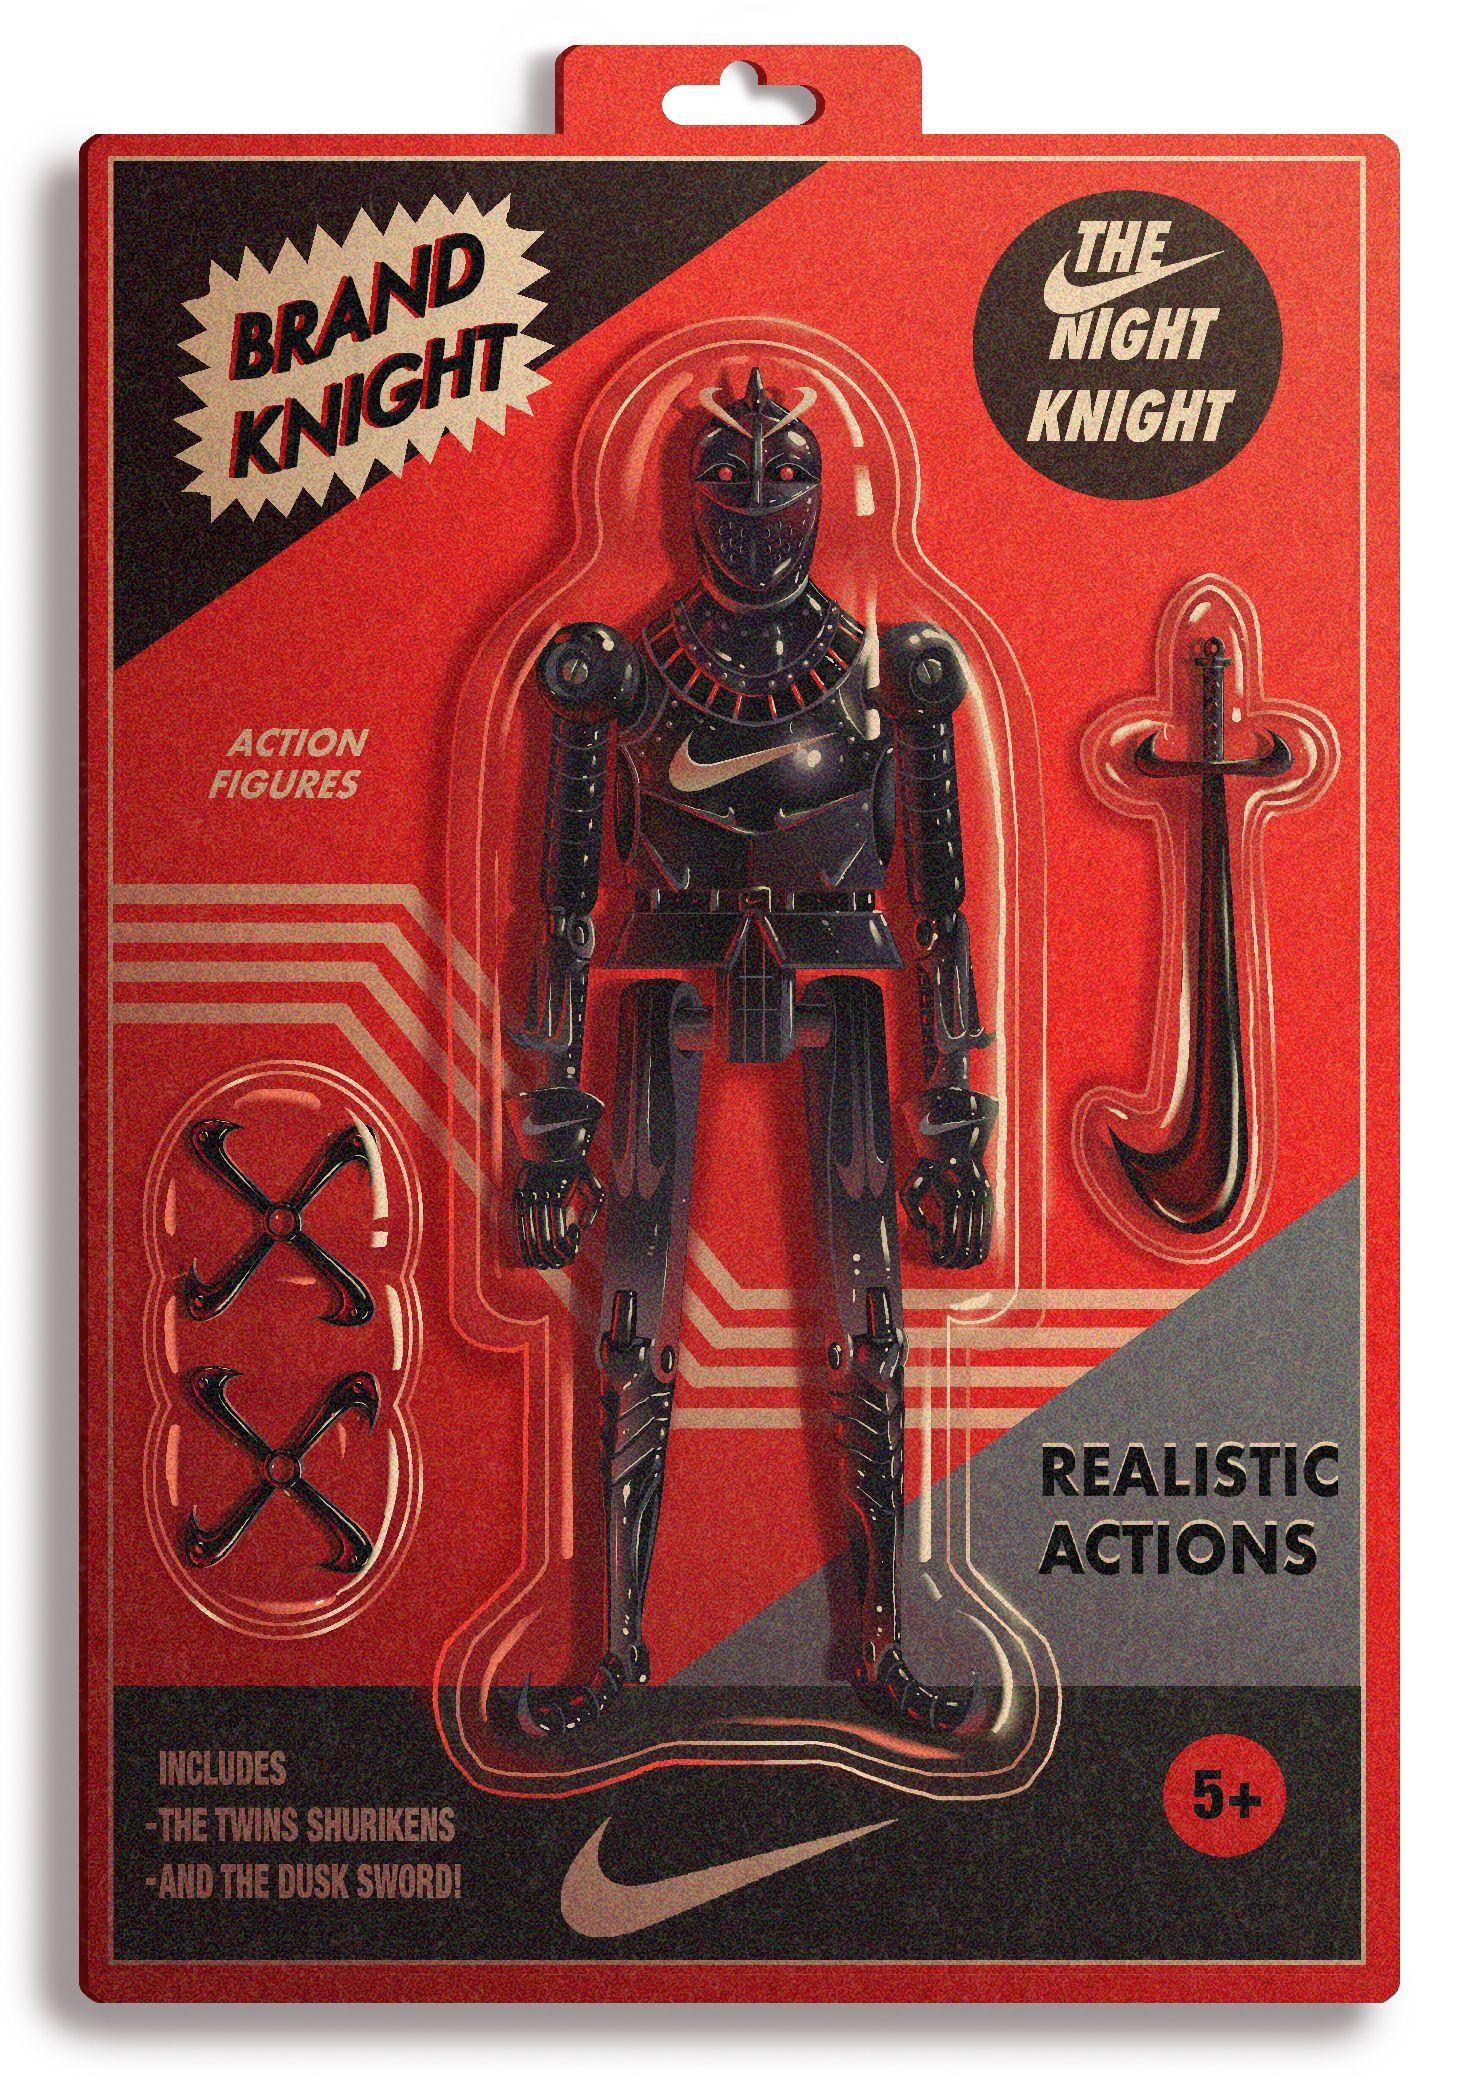 다음 @Behance 프로젝트 확인: \u201cBrand Knight\u201d https://www.behance.net/gallery/52124723/Brand-Knight